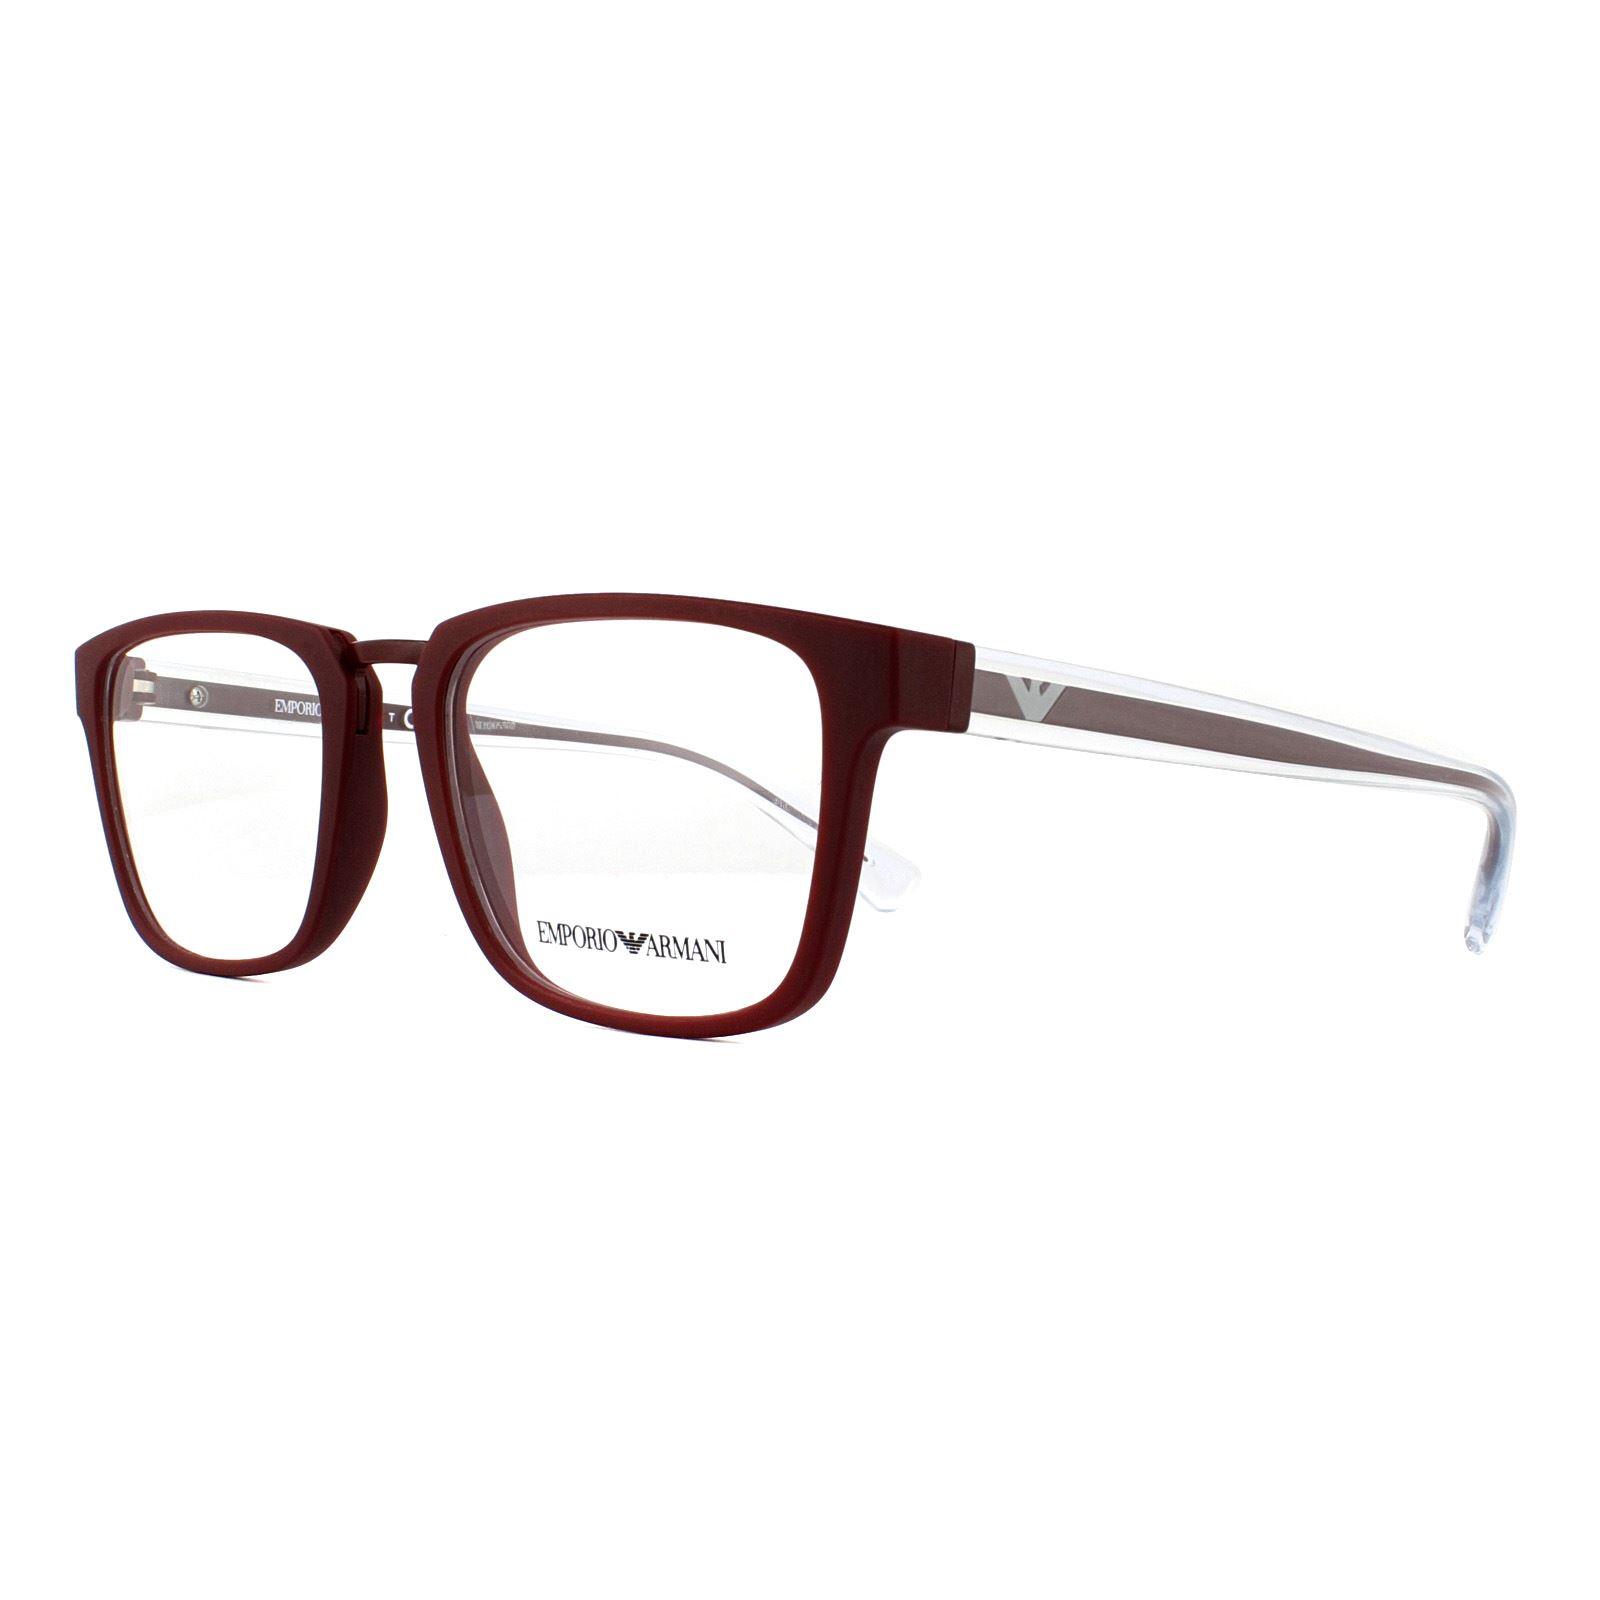 emporio armani glasses mens